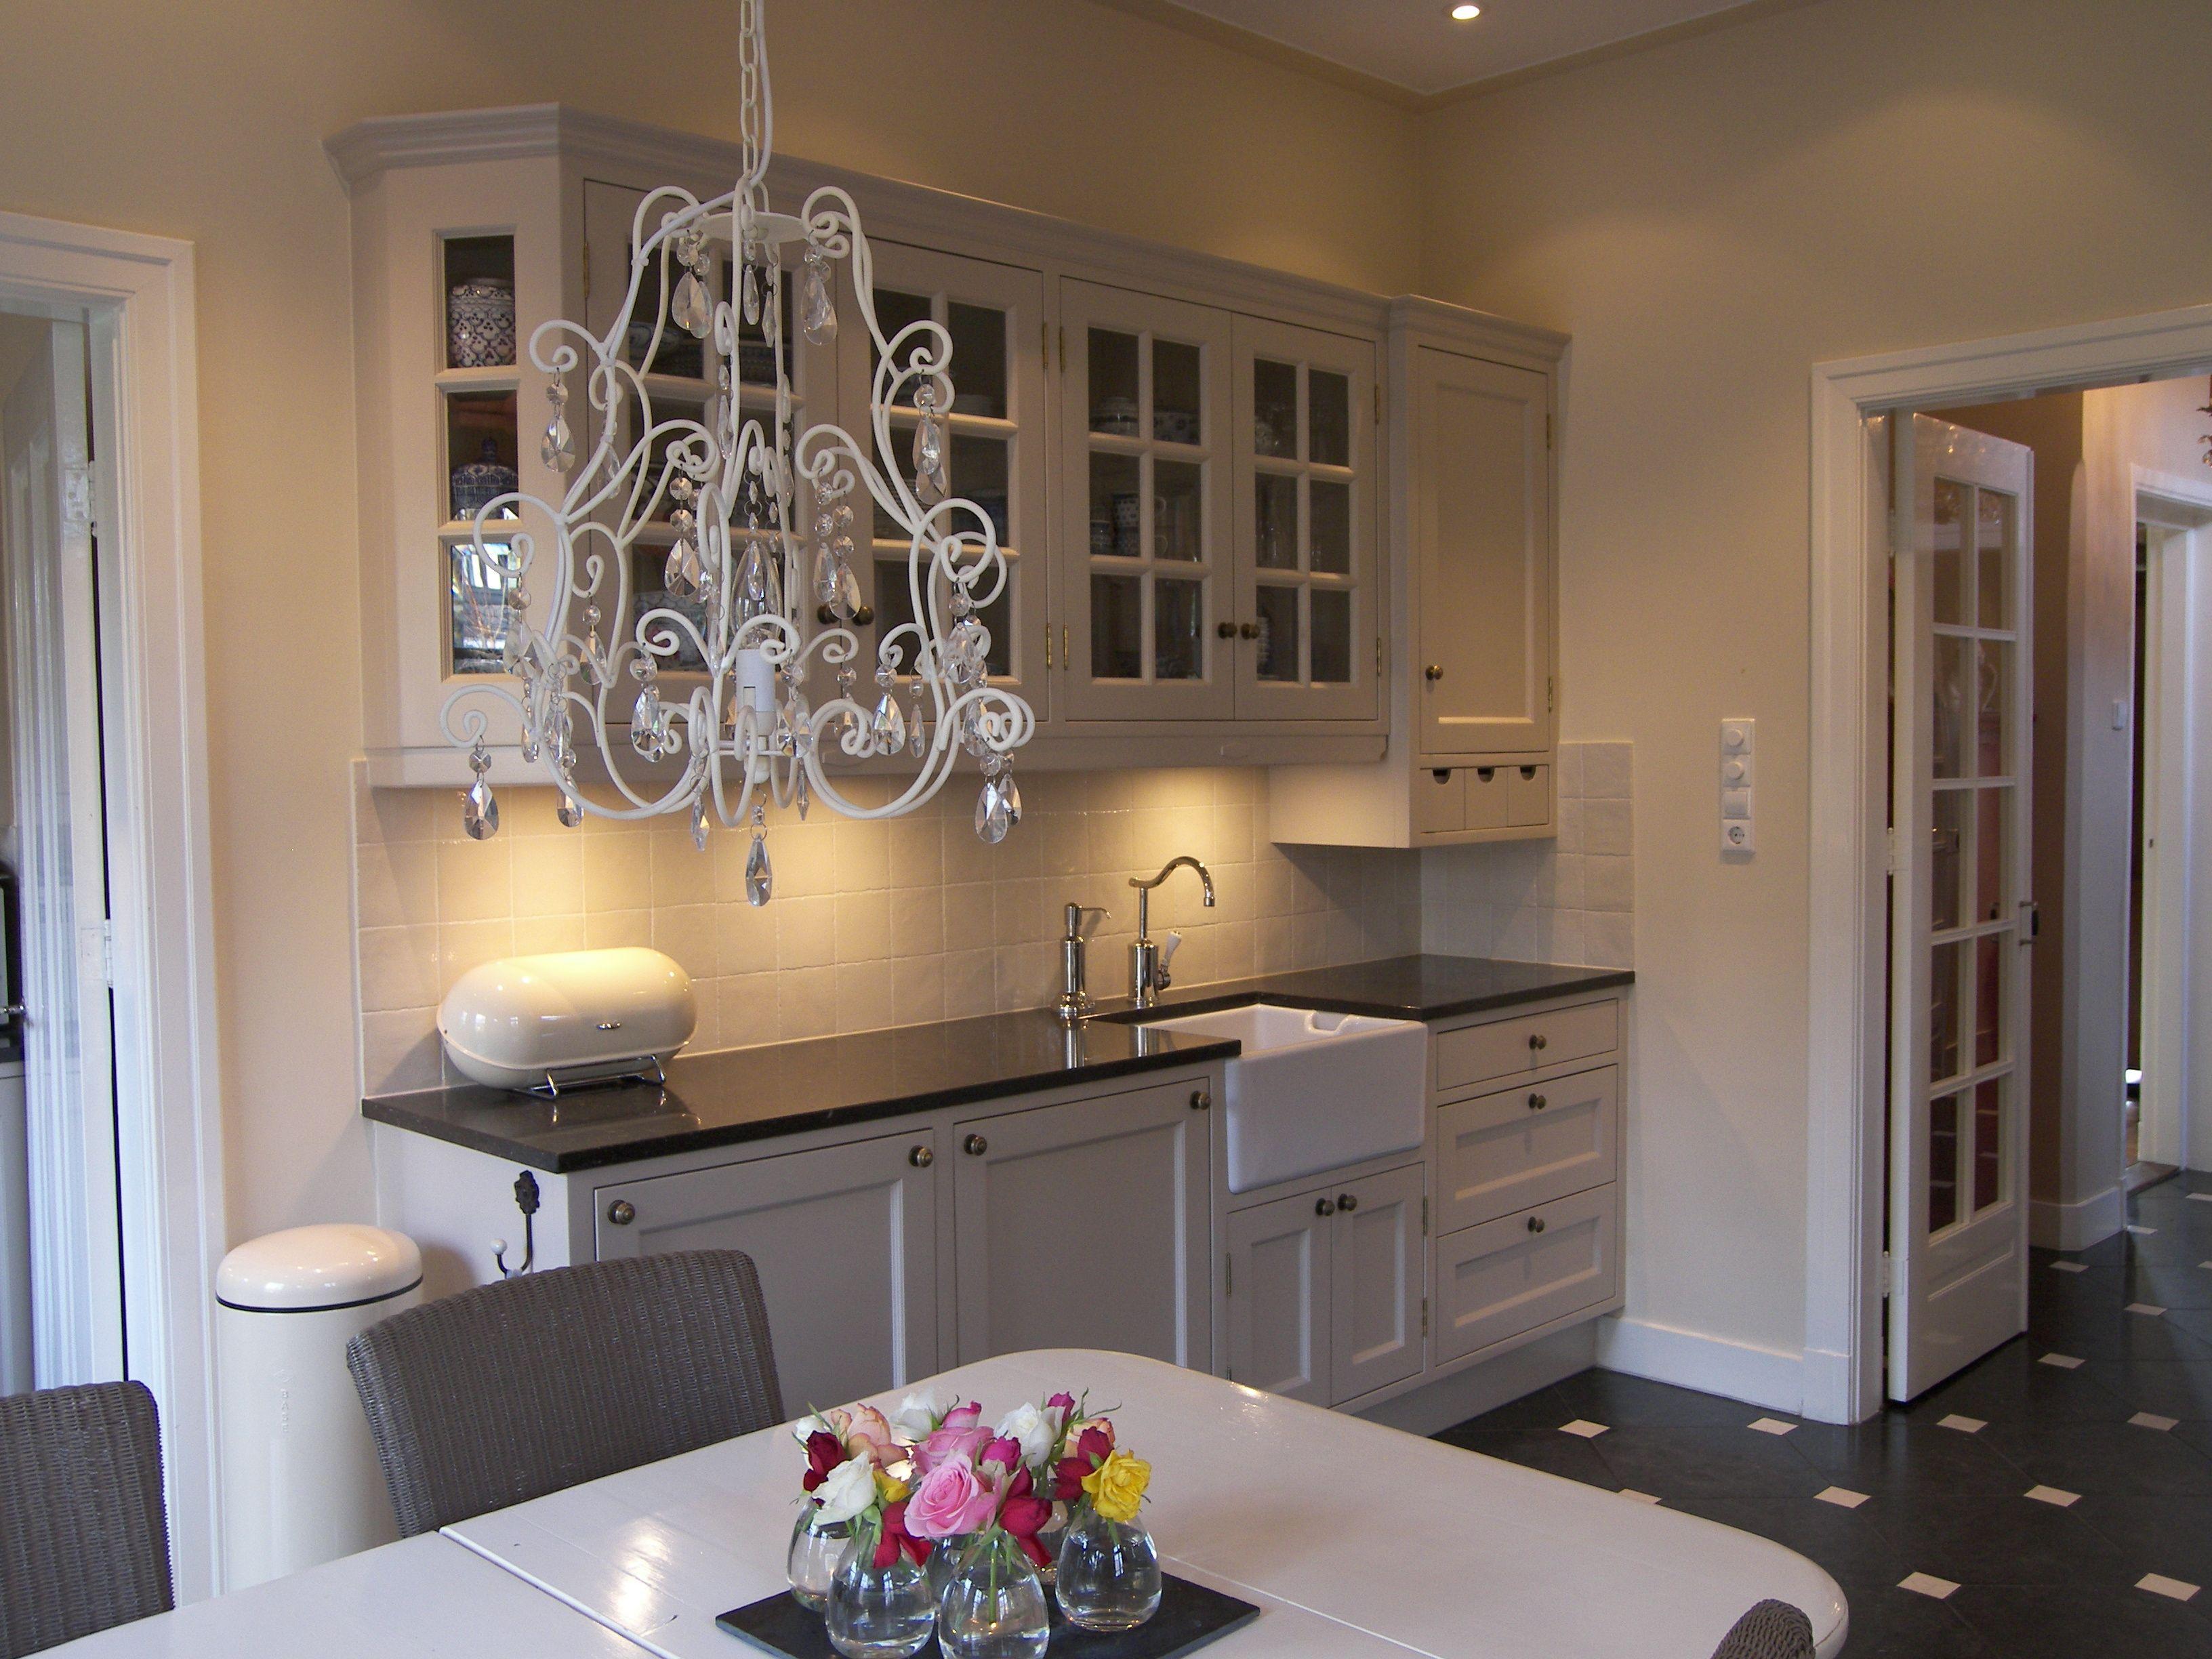 Landelijke keuken ontwerp interieur en bouw keuken Simon Voorhout ...